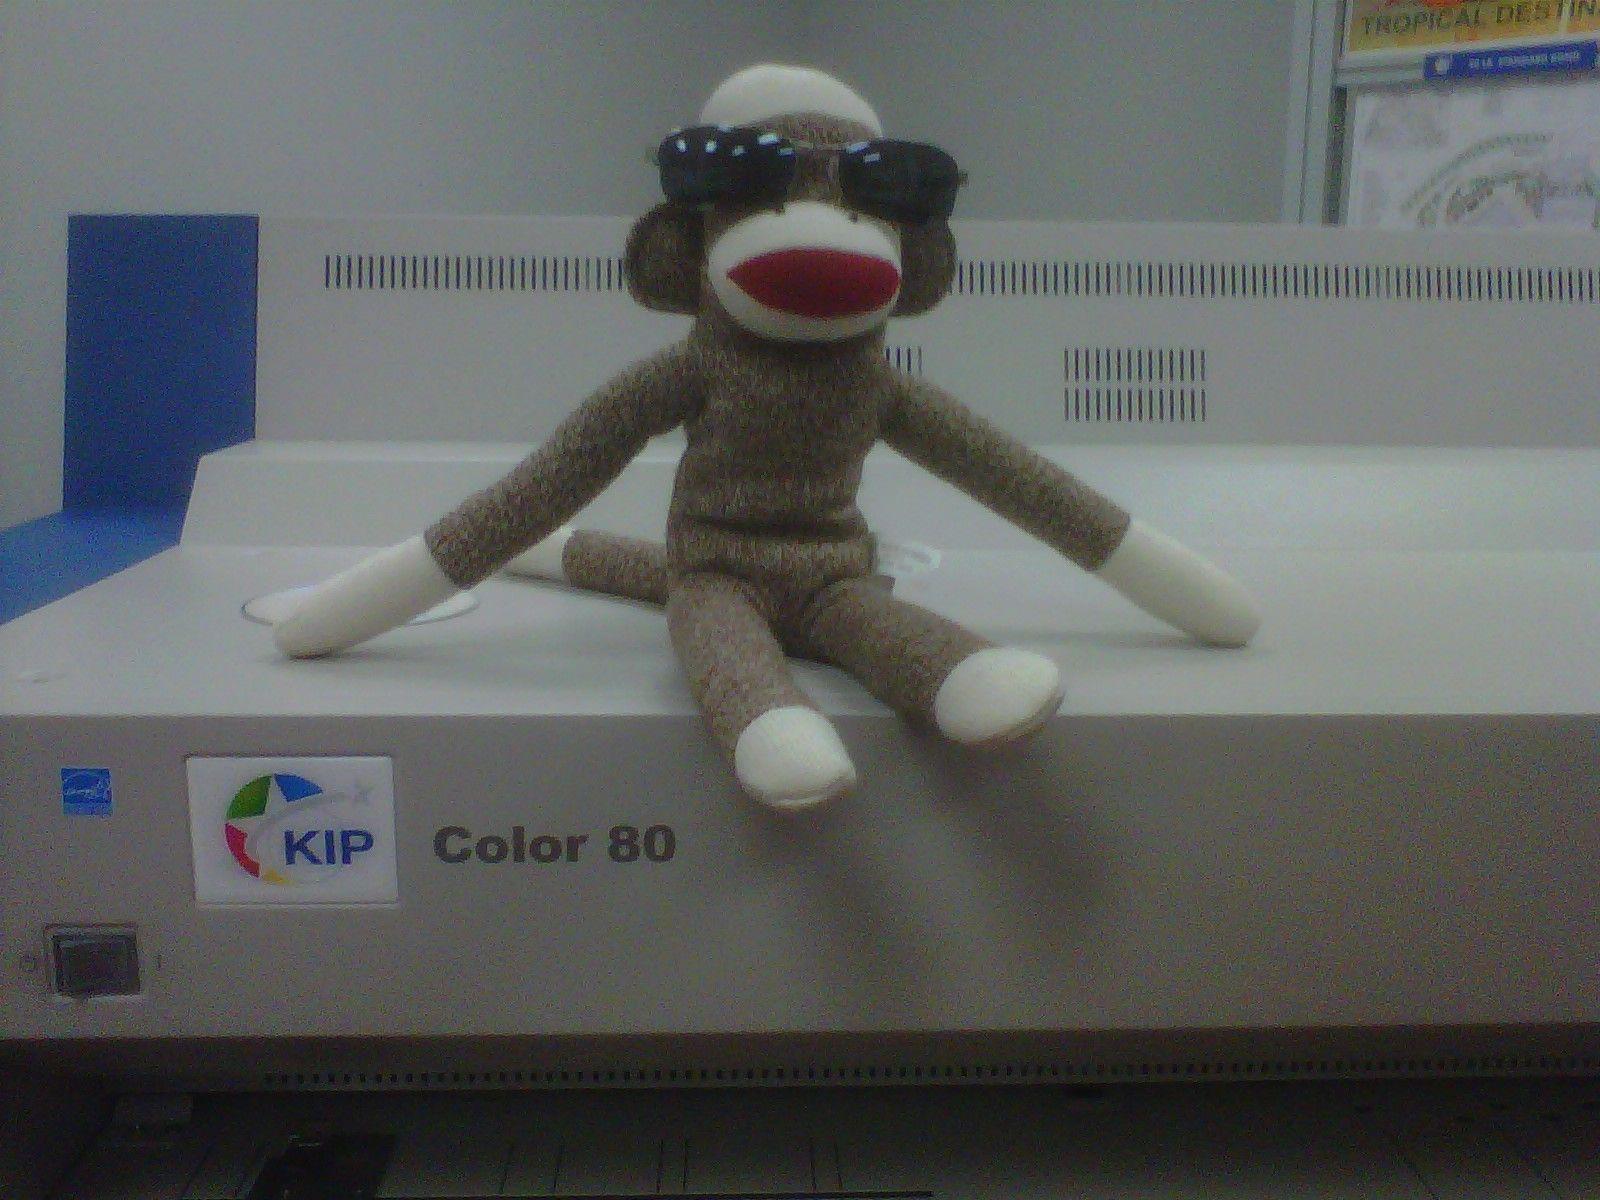 KIP KC80 prints color so bright you'll need shades!